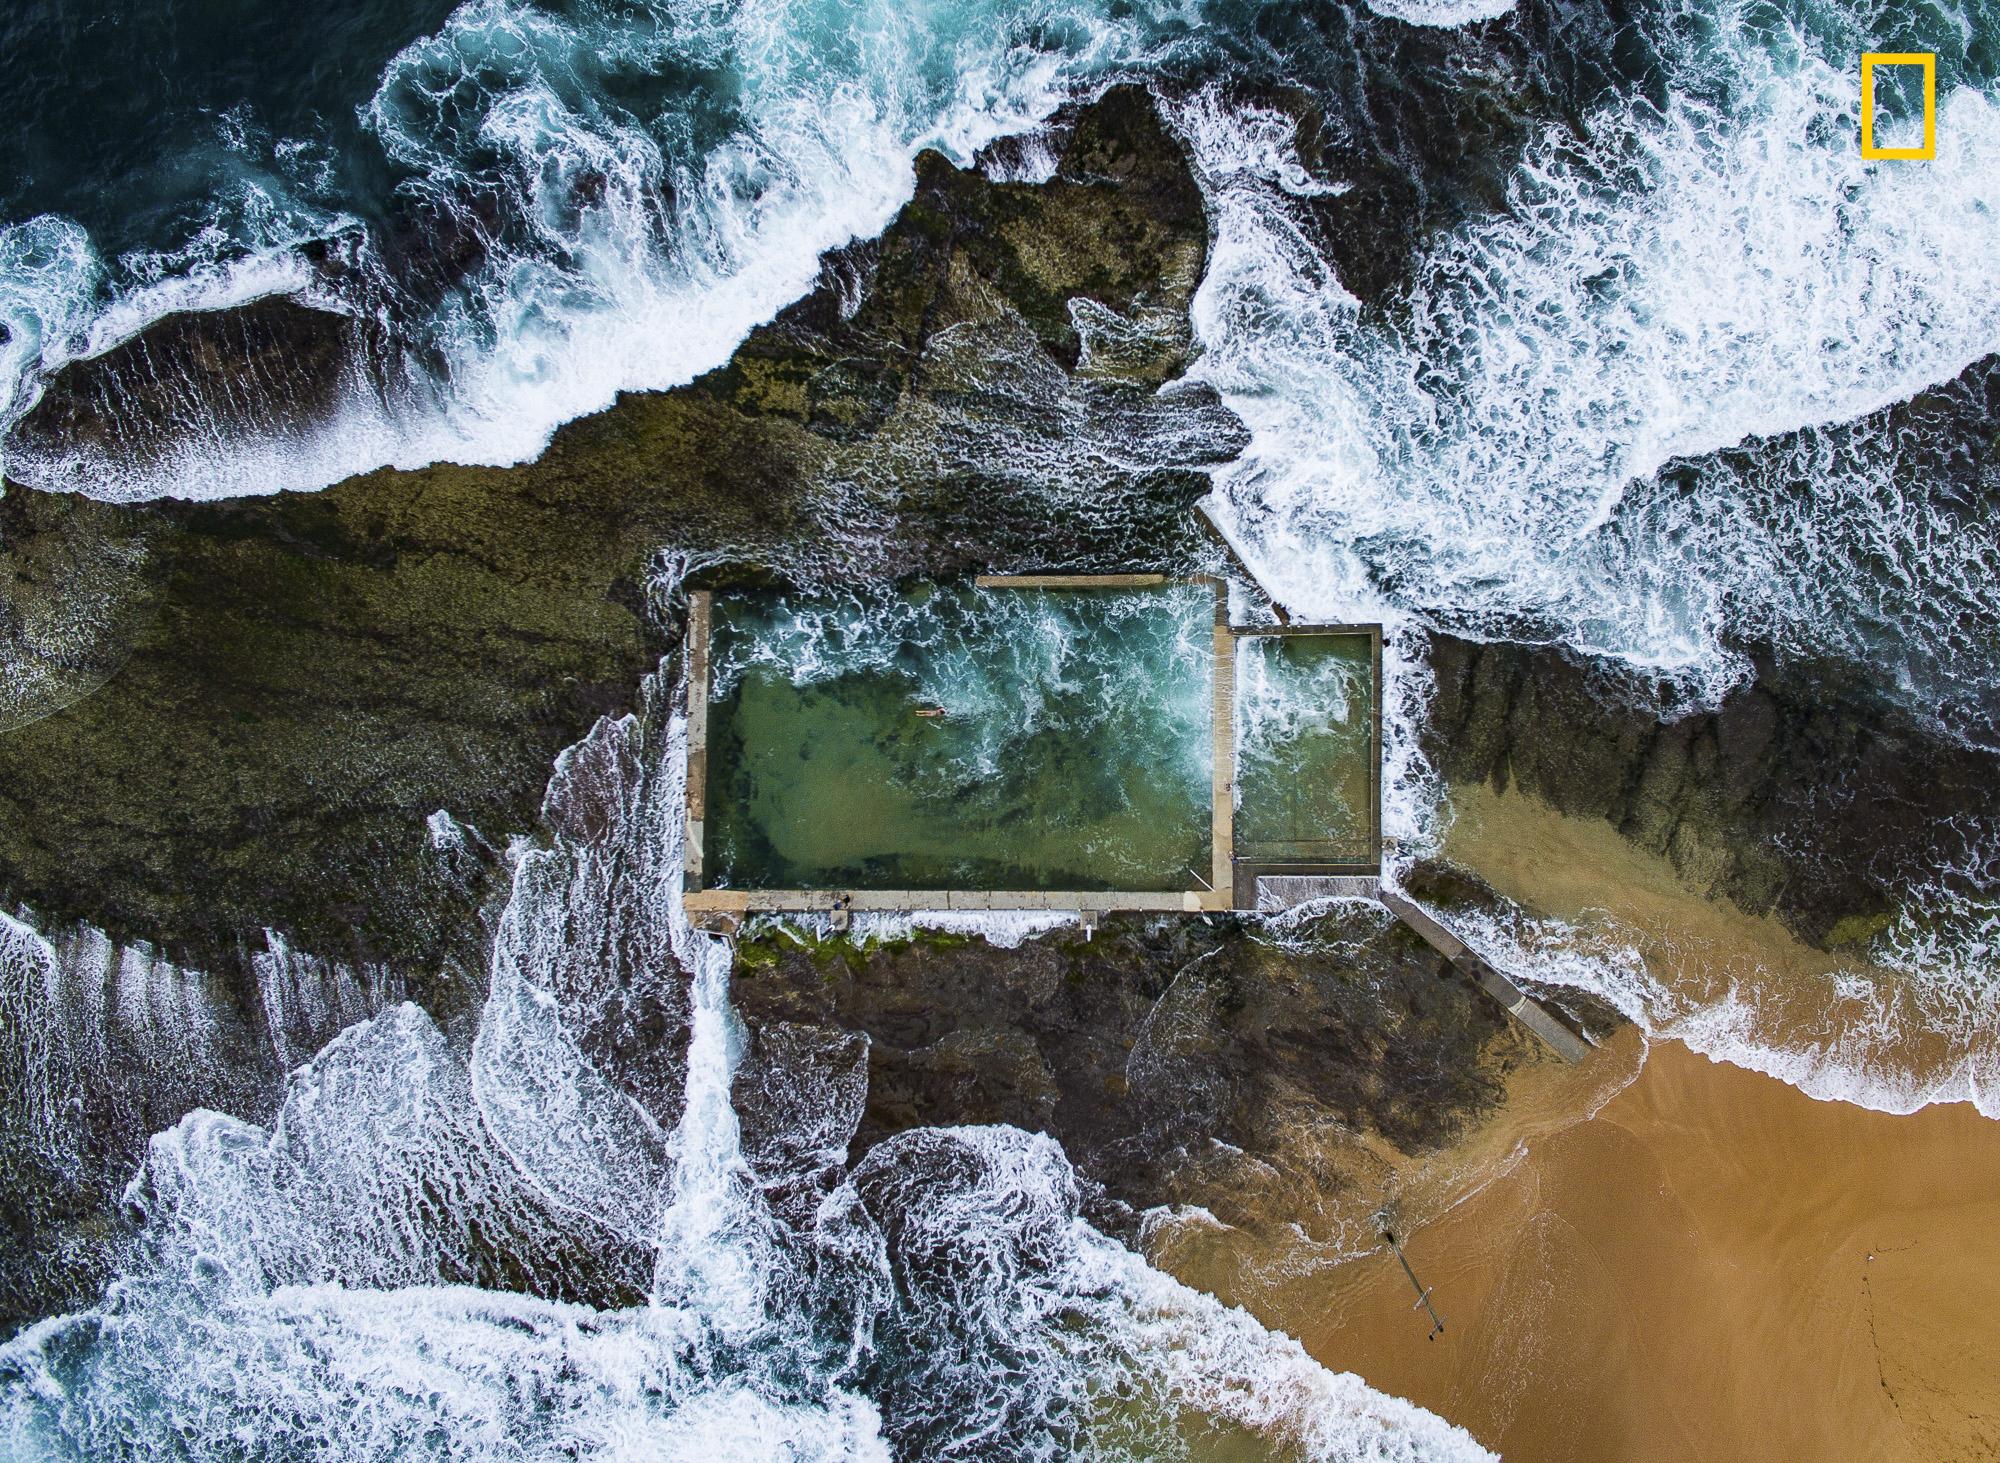 Ganador en la categoría de fotografía aérea del 2017 National Geographic Nature Photographer of the Year: Todd Kenedy con Piscina de Roca